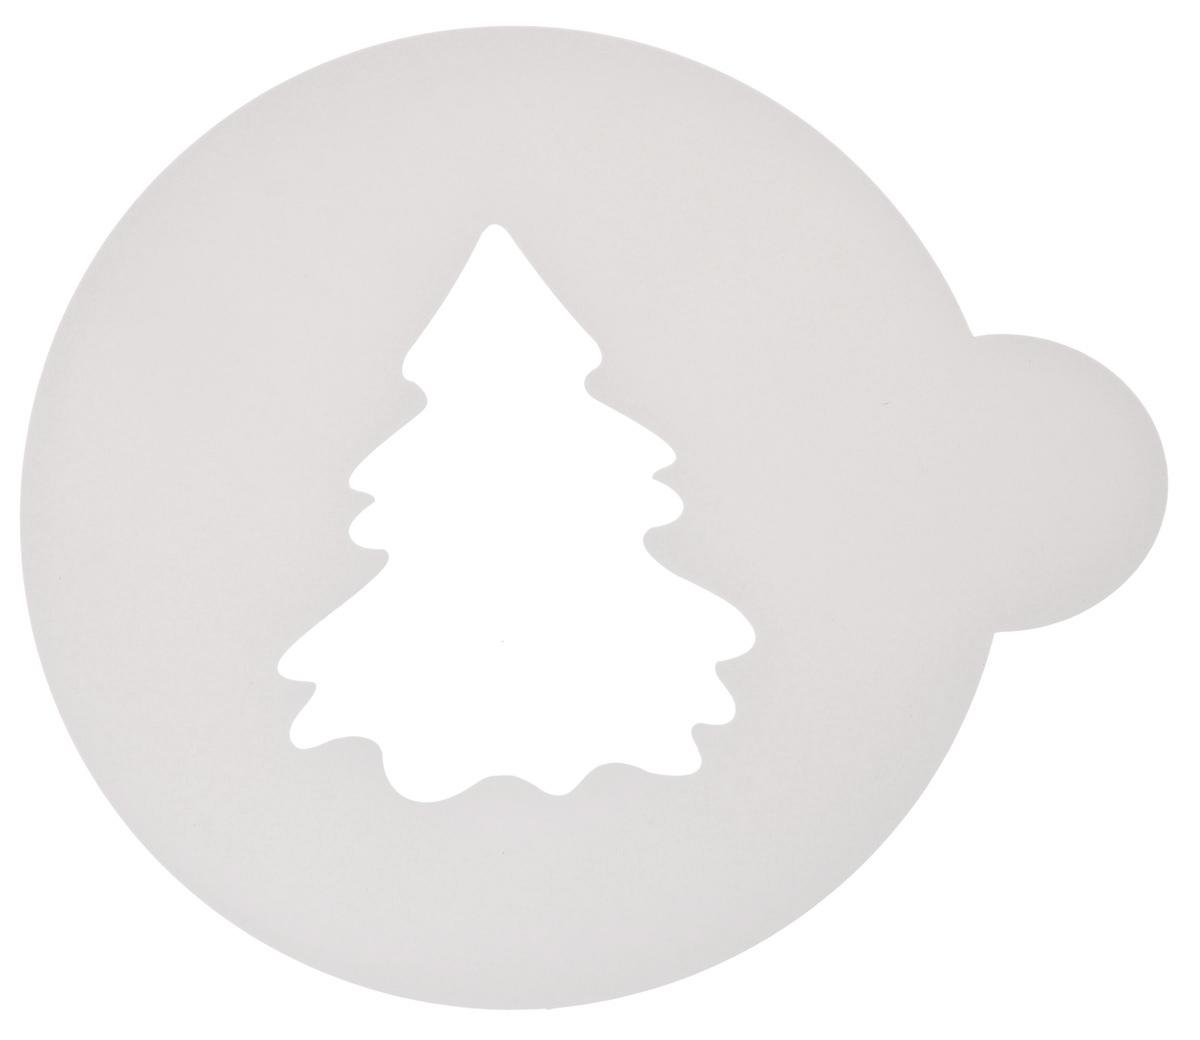 Трафарет на кофе и десерты Леденцовая фабрика Елочка, цвет: белый, диаметр 10 смТ06Трафарет Леденцовая фабрика Елочка представляет собой пластину с прорезями, через которые пищевая краска (сахарная пудра, какао, шоколад, сливки, корица, дробленый орех) наносится на поверхность кофе, молочных коктейлей, десертов. Изделие изготовлено из матового пищевого пластика 250 мкм и пригодно для контакта с пищевыми продуктами. Трафарет многоразовый. Побалуйте себя и ваших близких красиво оформленным кофе. Диаметр трафарета: 10 см.